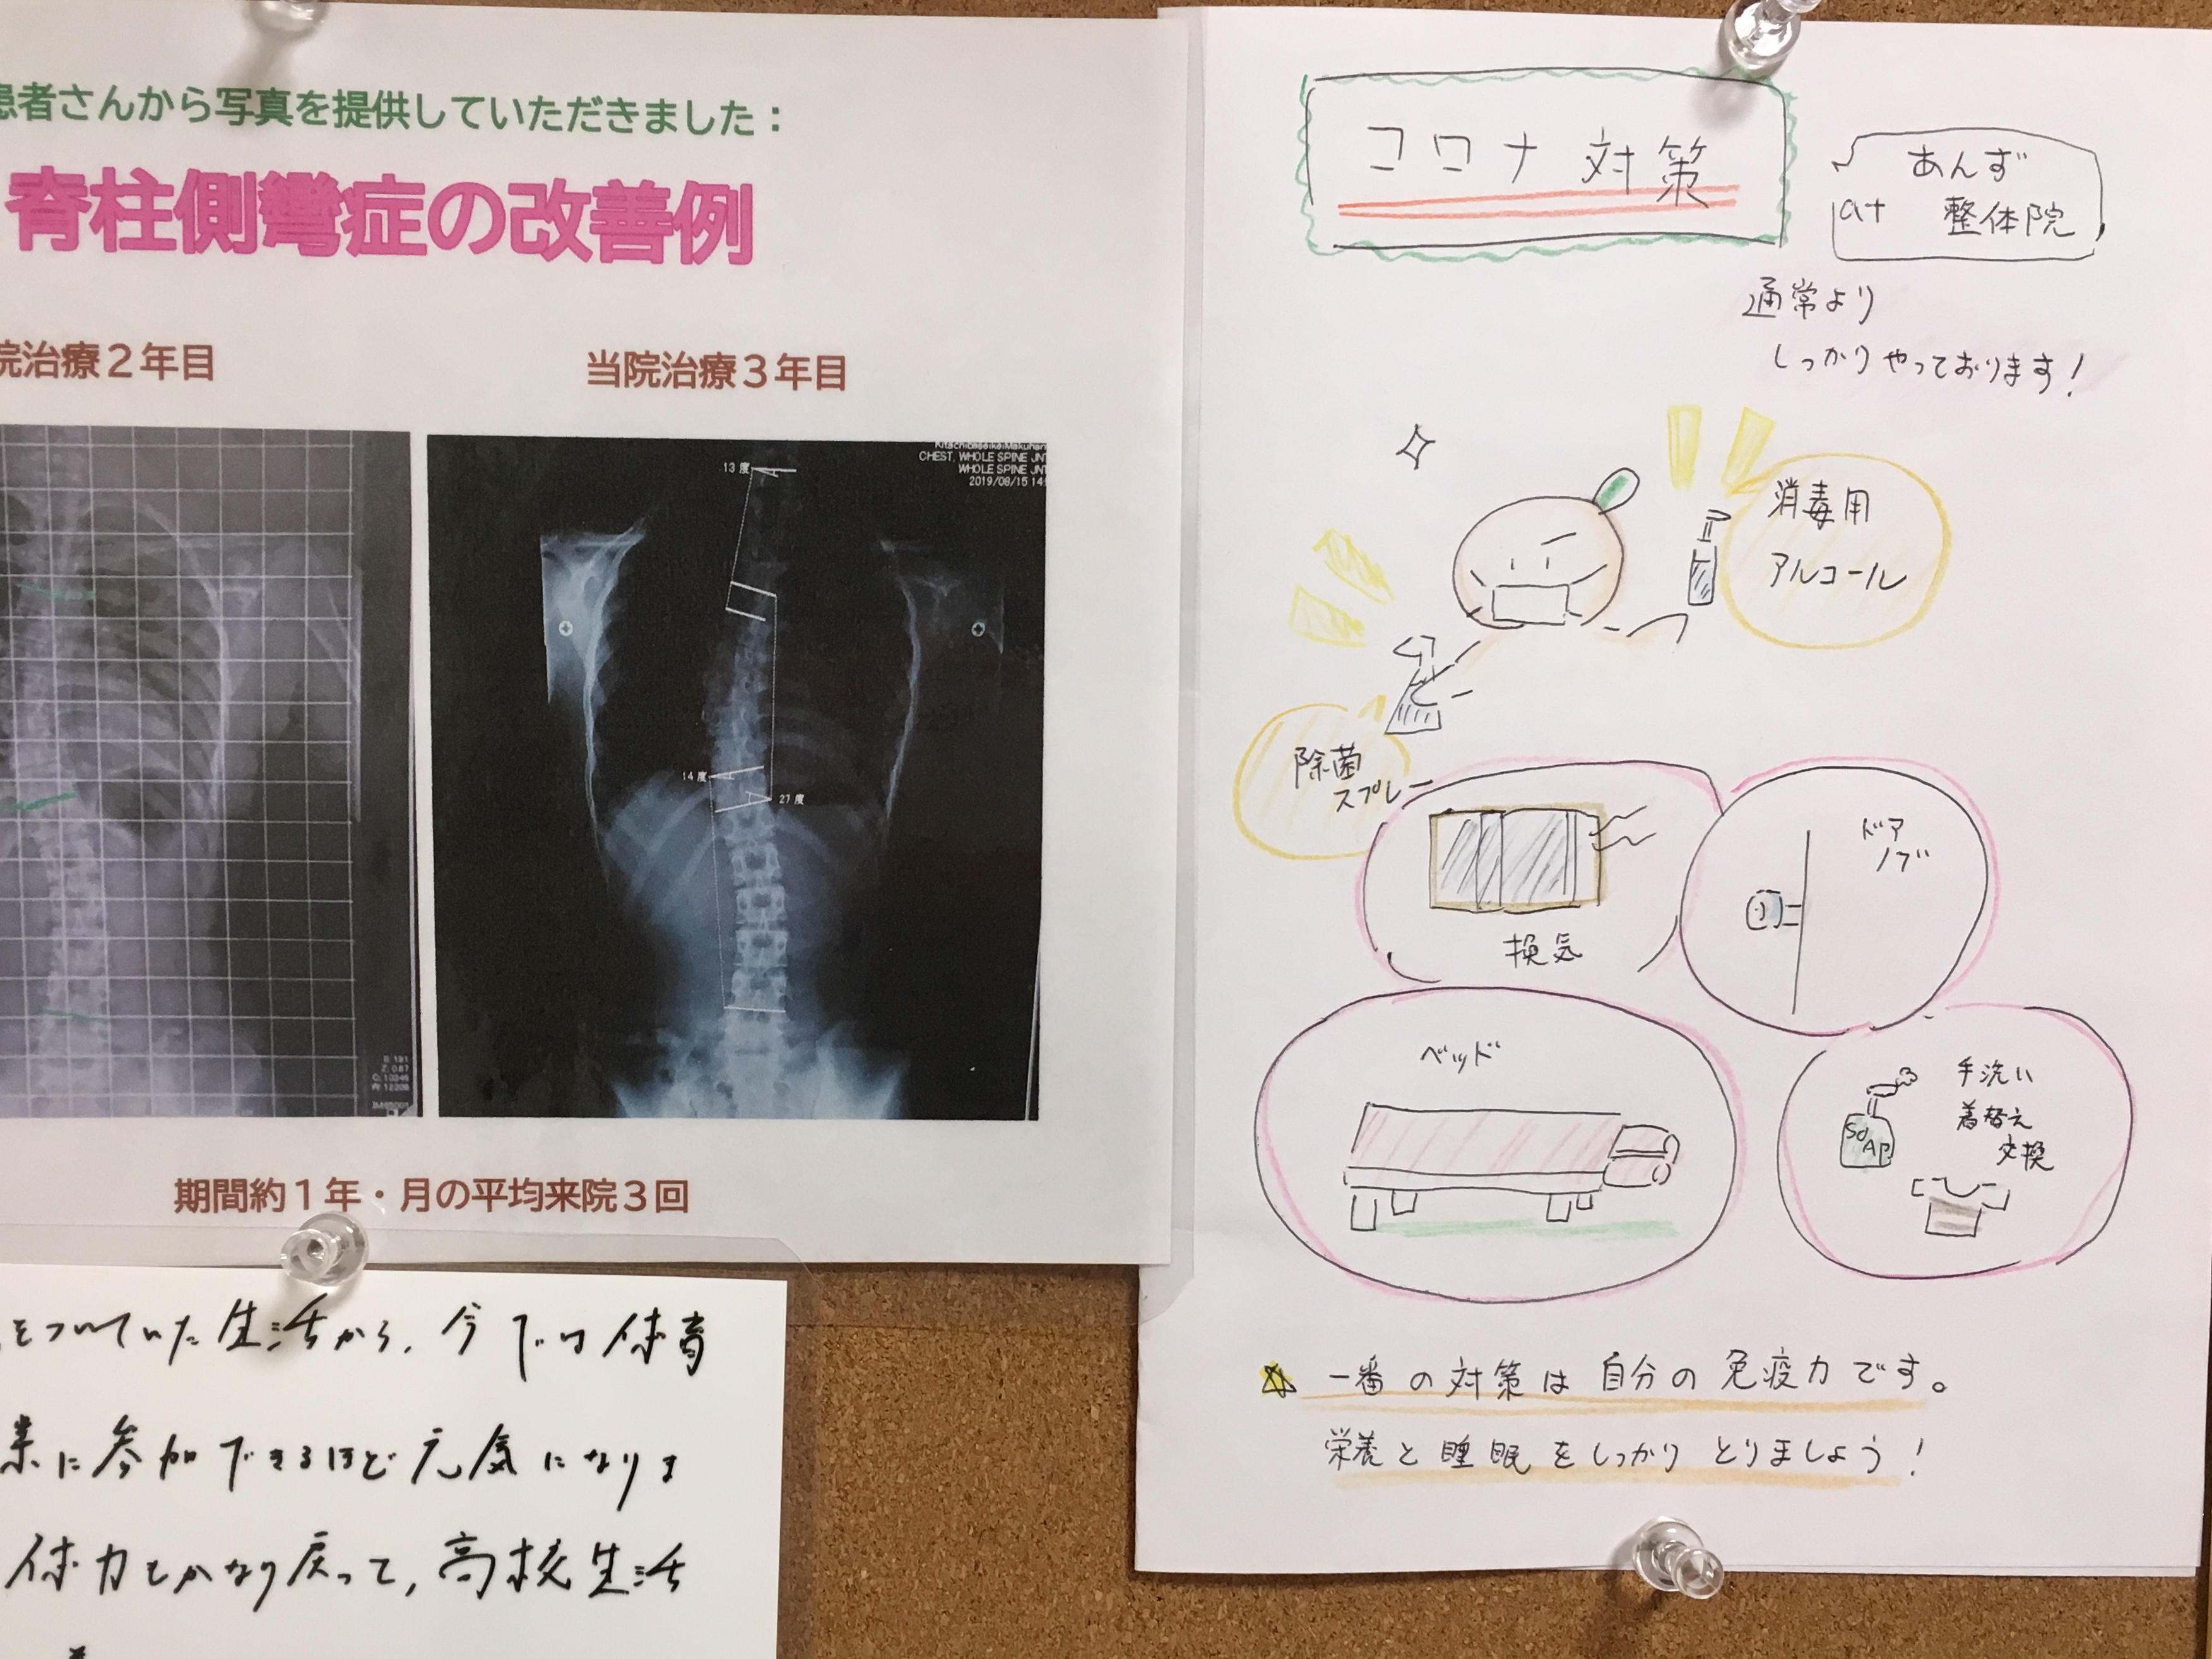 当院におけるコロナ感染症の対策